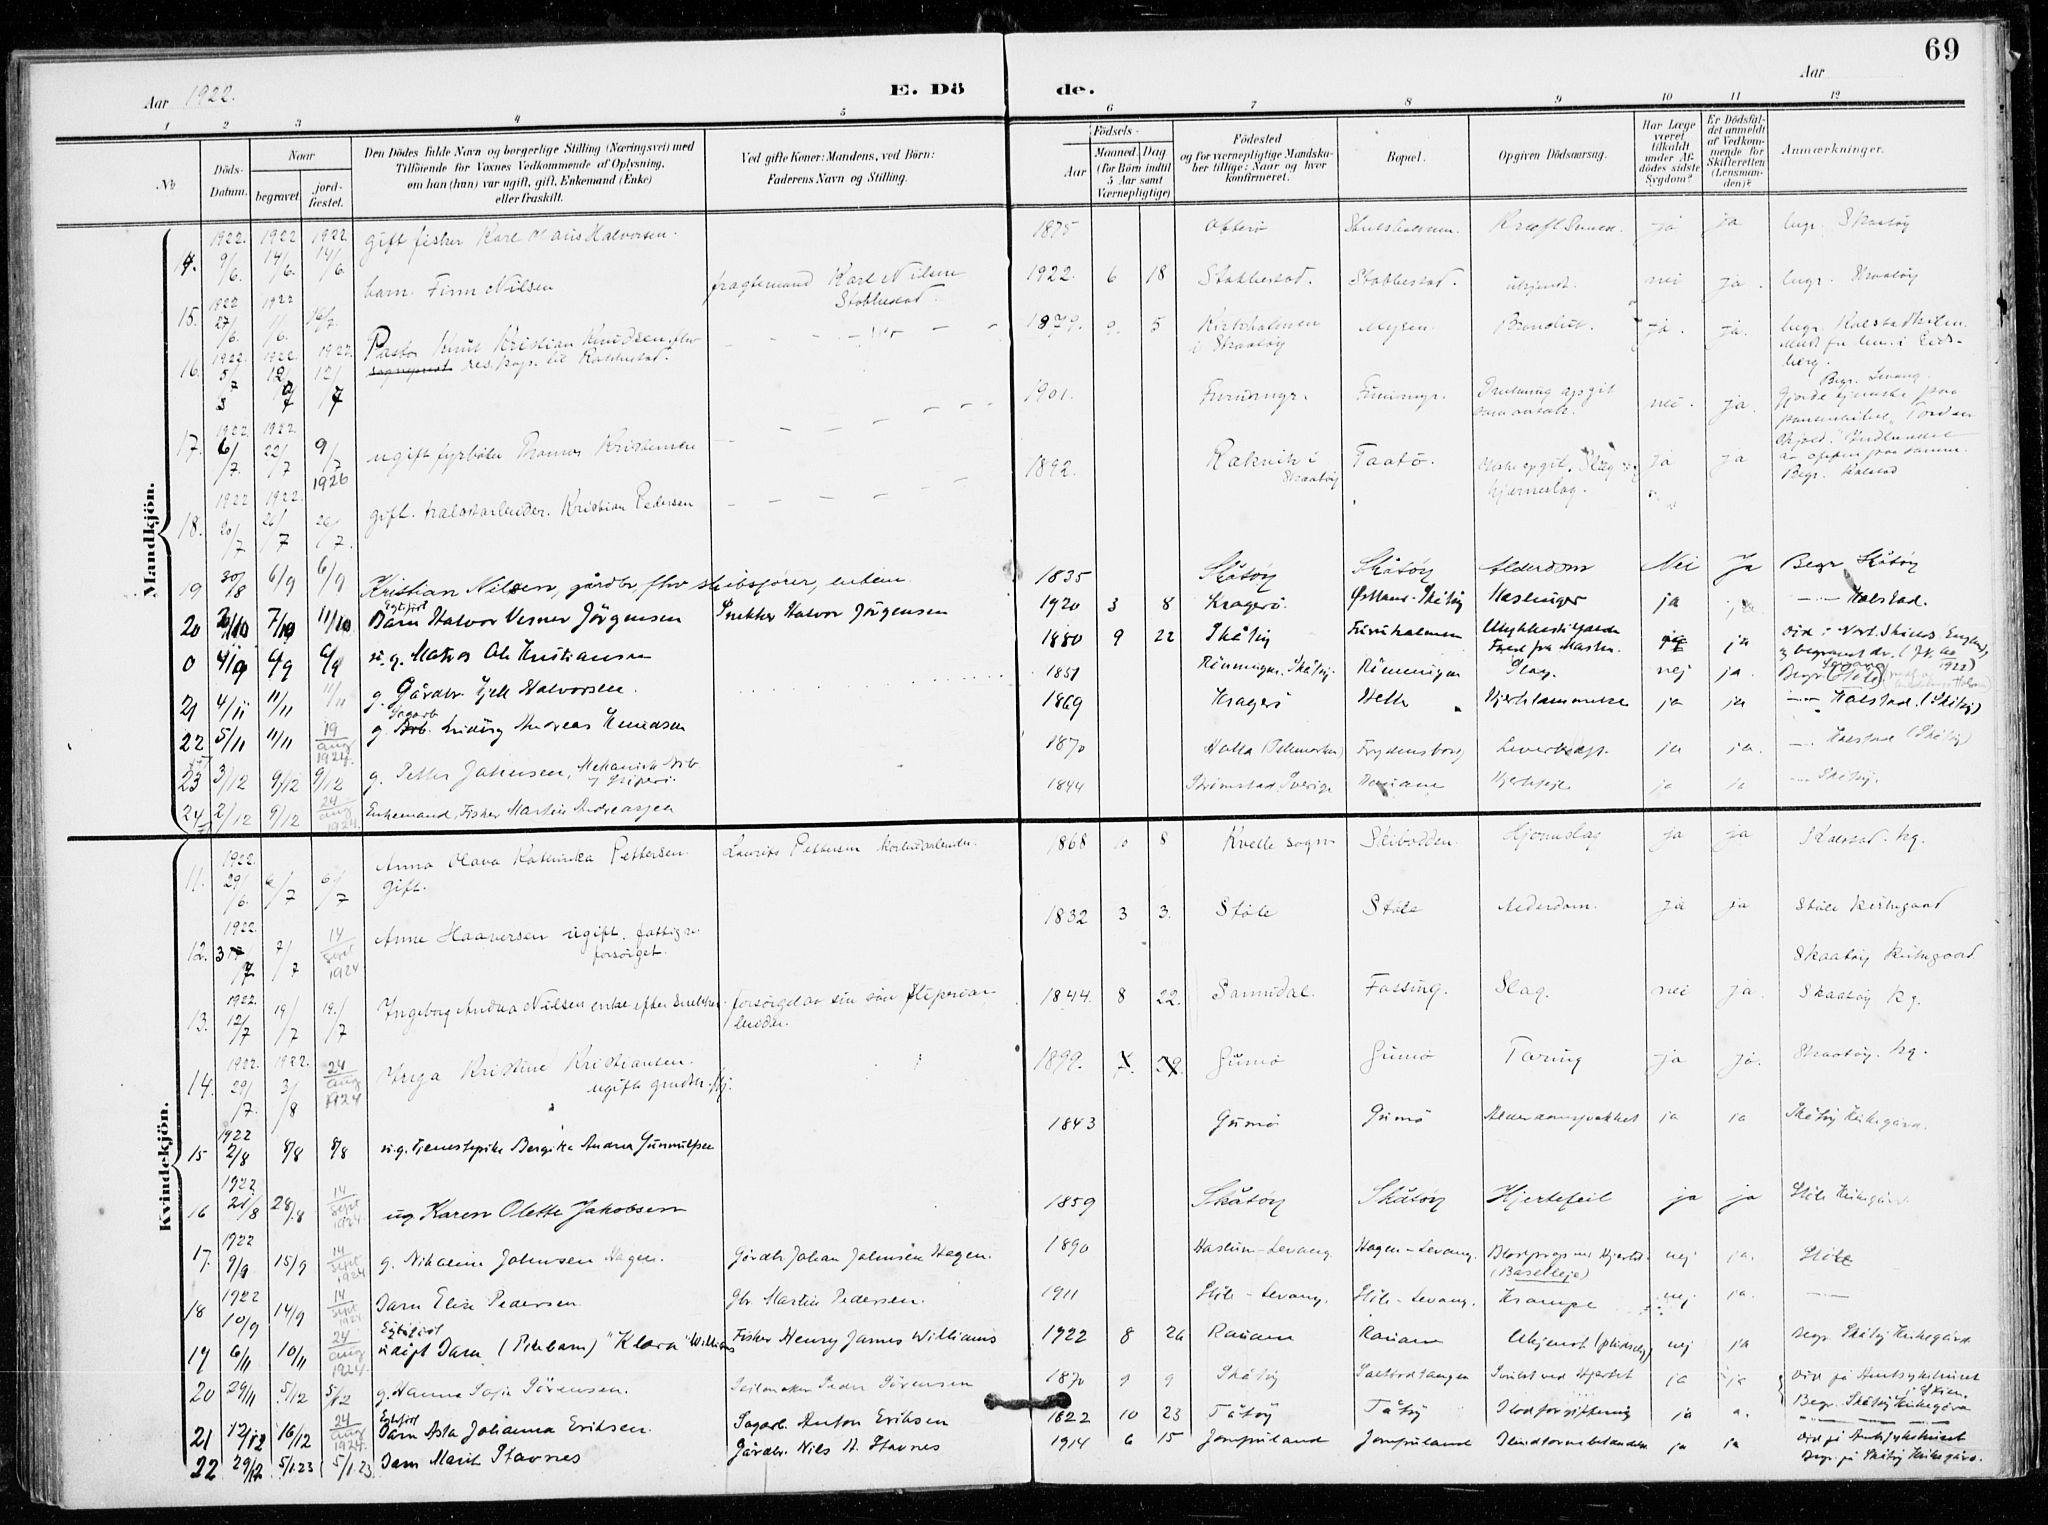 SAKO, Skåtøy kirkebøker, F/Fa/L0005: Ministerialbok nr. I 5, 1901-1923, s. 69